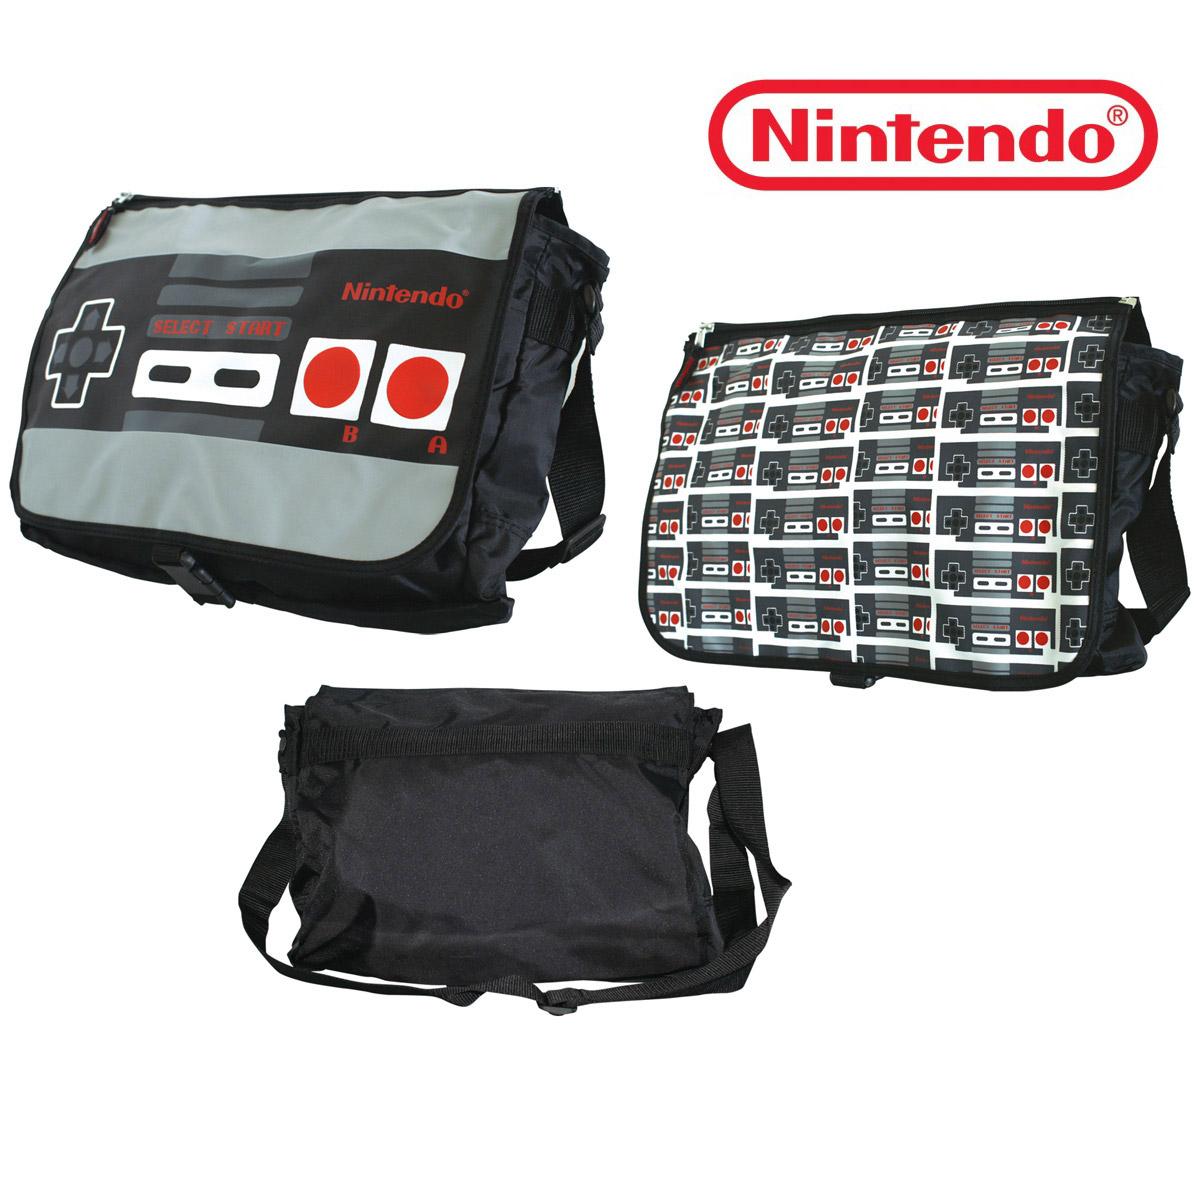 Manette Nintendo<br>Nes Reversible Hobo